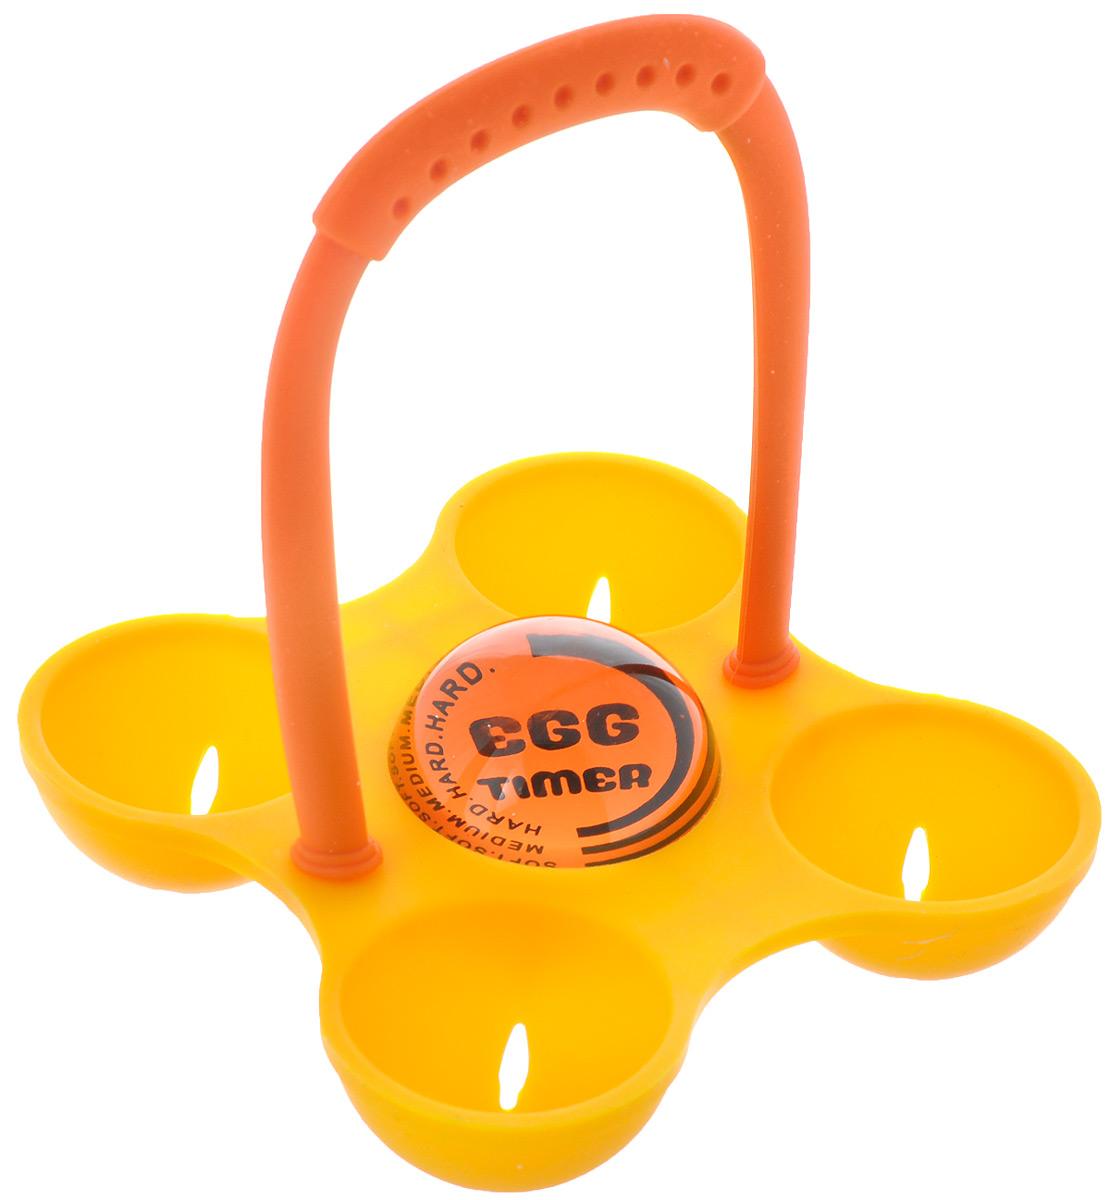 Яйцеварка Идея, с таймером, цвет: оранжевый, желтыйYZV-04Силиконовая яйцеварка Идея предназначена для варки от 1 до 4 яиц одновременно. С ее помощью, без особых усилий можно сварить яйца вкрутую, всмятку или в мешочек. Яйцеварка имеет приятную на ощупь, термостойкую ручку и подходит для куриных яиц любого размера. Она не впитывает запахи, не выделяет вредных веществ при нагревании или охлаждении и легко моется. Использование этого приспособления позволит вам сэкономить время и силы. Инструкция по использованию. Поместите яйца в ячейки, опустите яйцеварку в кастрюлю с холодной водой и варите до готовности. Следите за цветом таймера, для выбора нужной степени готовности: Белый цвет достигает первой черной линии - получаются яйца всмятку (около 9 минут после начала варки); Белый цвет достигает средней черной линии - получаются яйца в мешочек (около 12 минут после начала варки); Белый цвет достигает третьей черной линии - получаются яйца вкрутую (около 14 минут после начала варки); ...